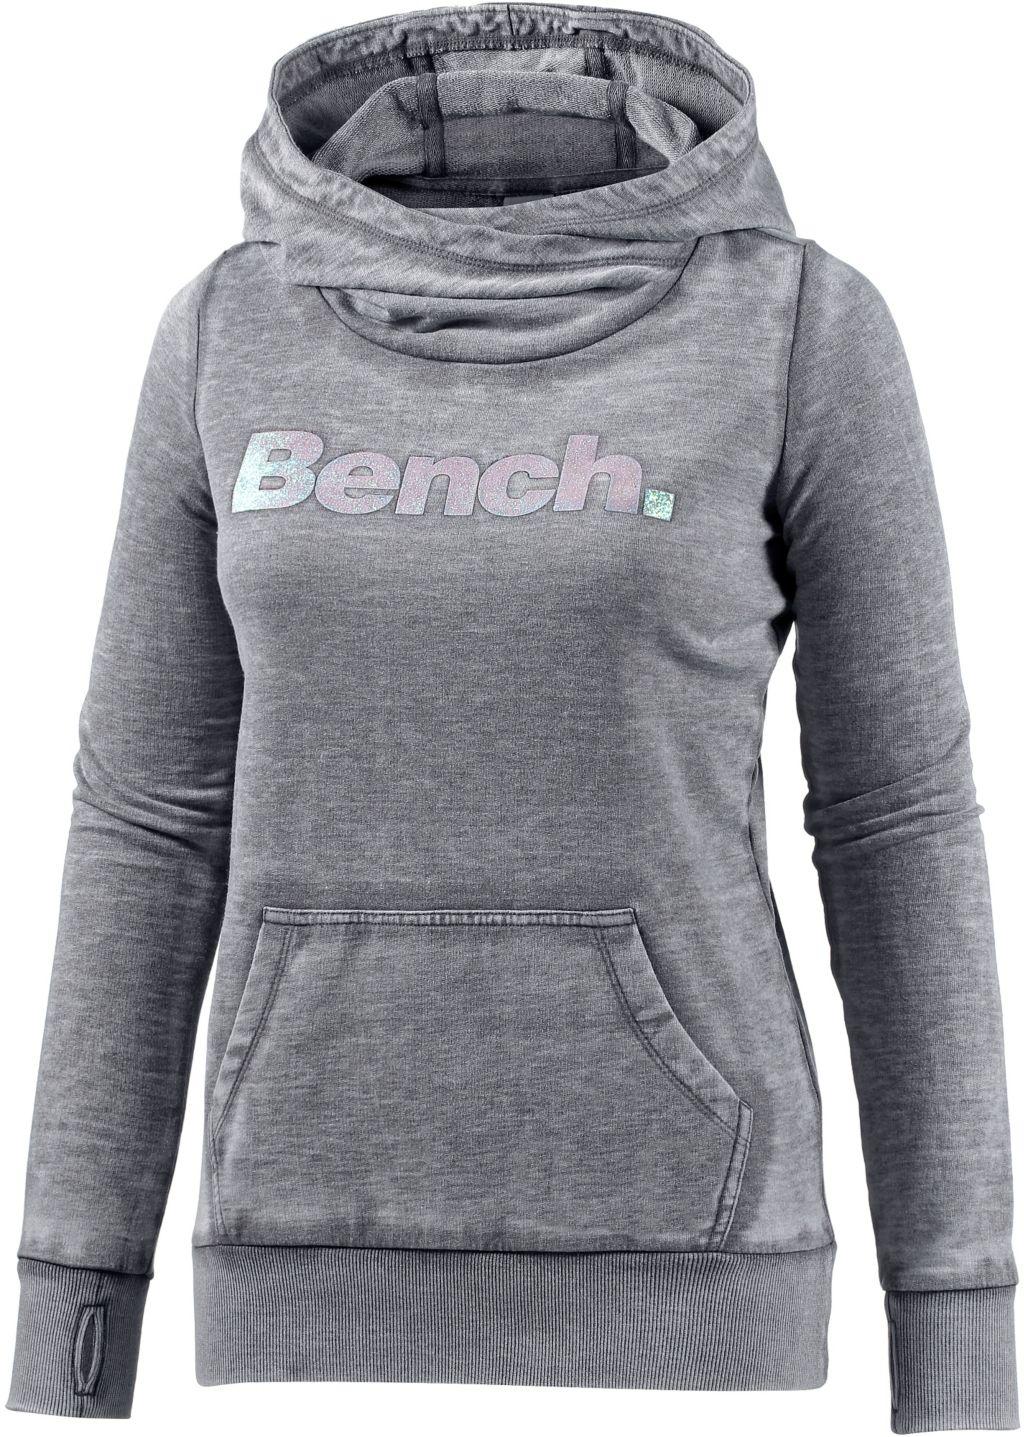 Artikel klicken und genauer betrachten! - Bench Kapuzen Sweatshirt mit glitzerndem Markenschriftzug auf der Front und hohem, überkreuztem Kragen; Kängurutasche, Ärmel mit Daumenschlupf; Rippbündchen an Ärmeln und Saum; Material 65% Polyester, 35% Baumwolle.   im Online Shop kaufen